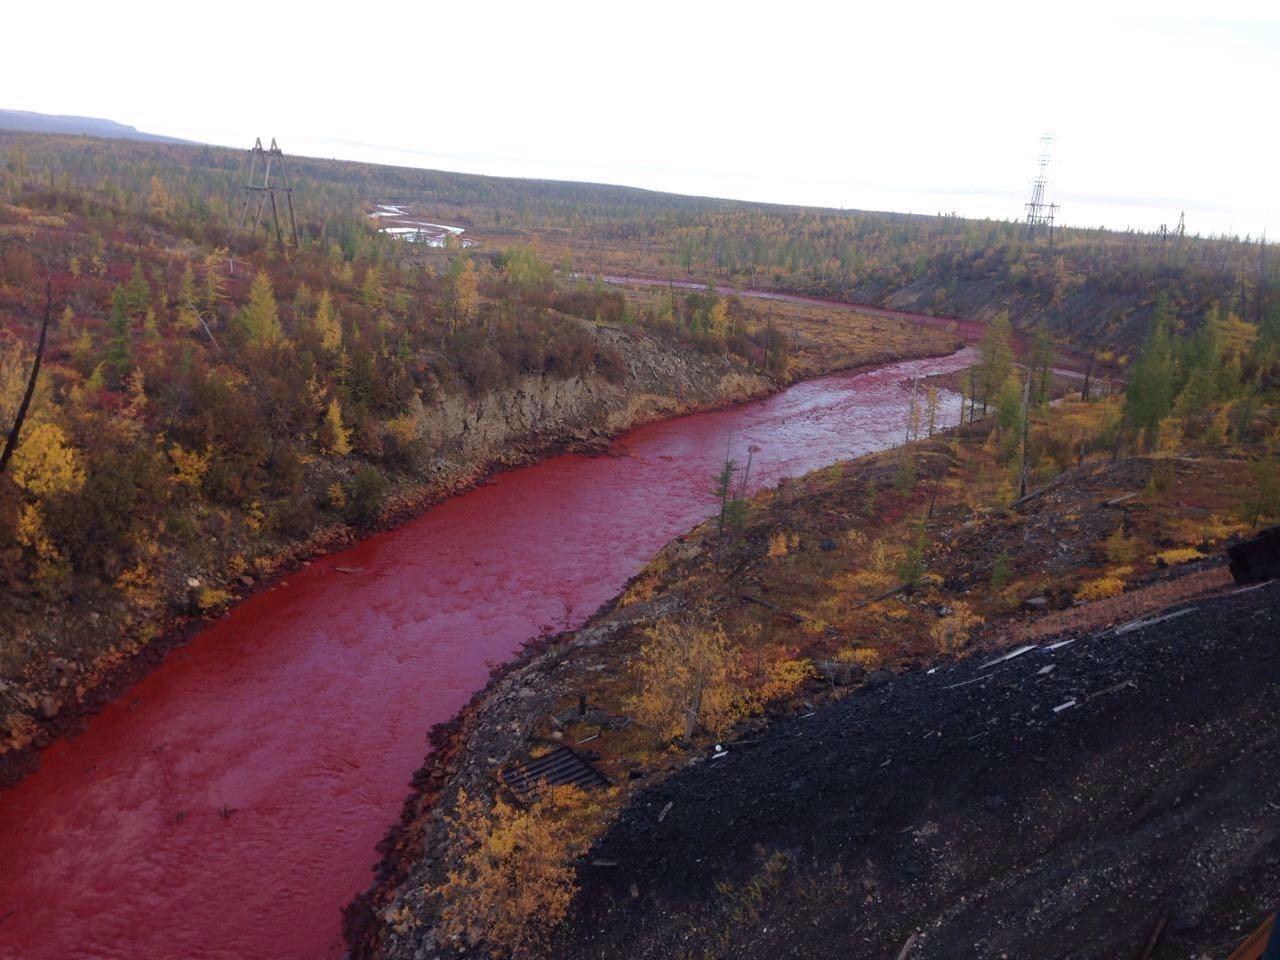 В реку Запорожской области сливают токсичные отходы: смотри фото ...